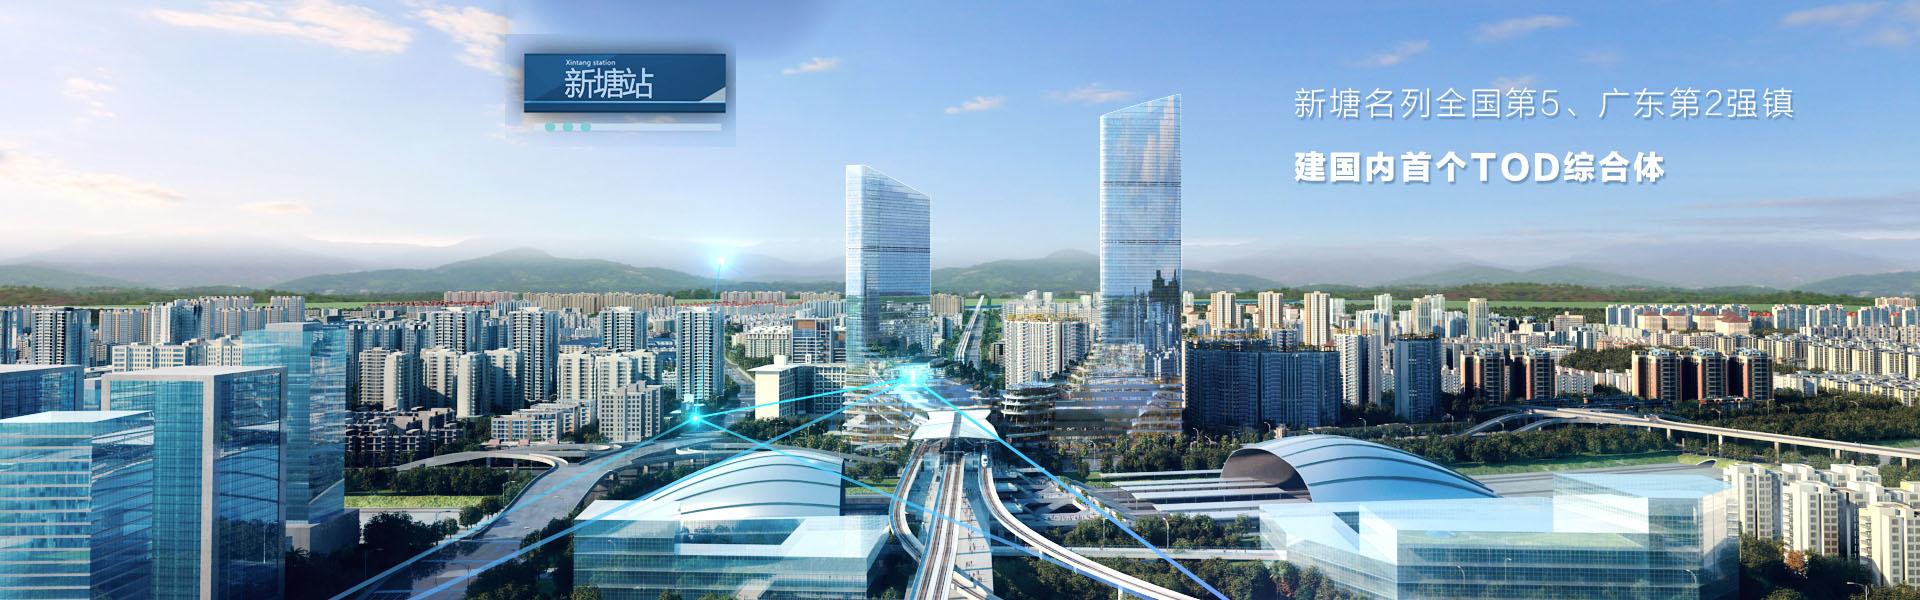 广州东部交通枢纽规划